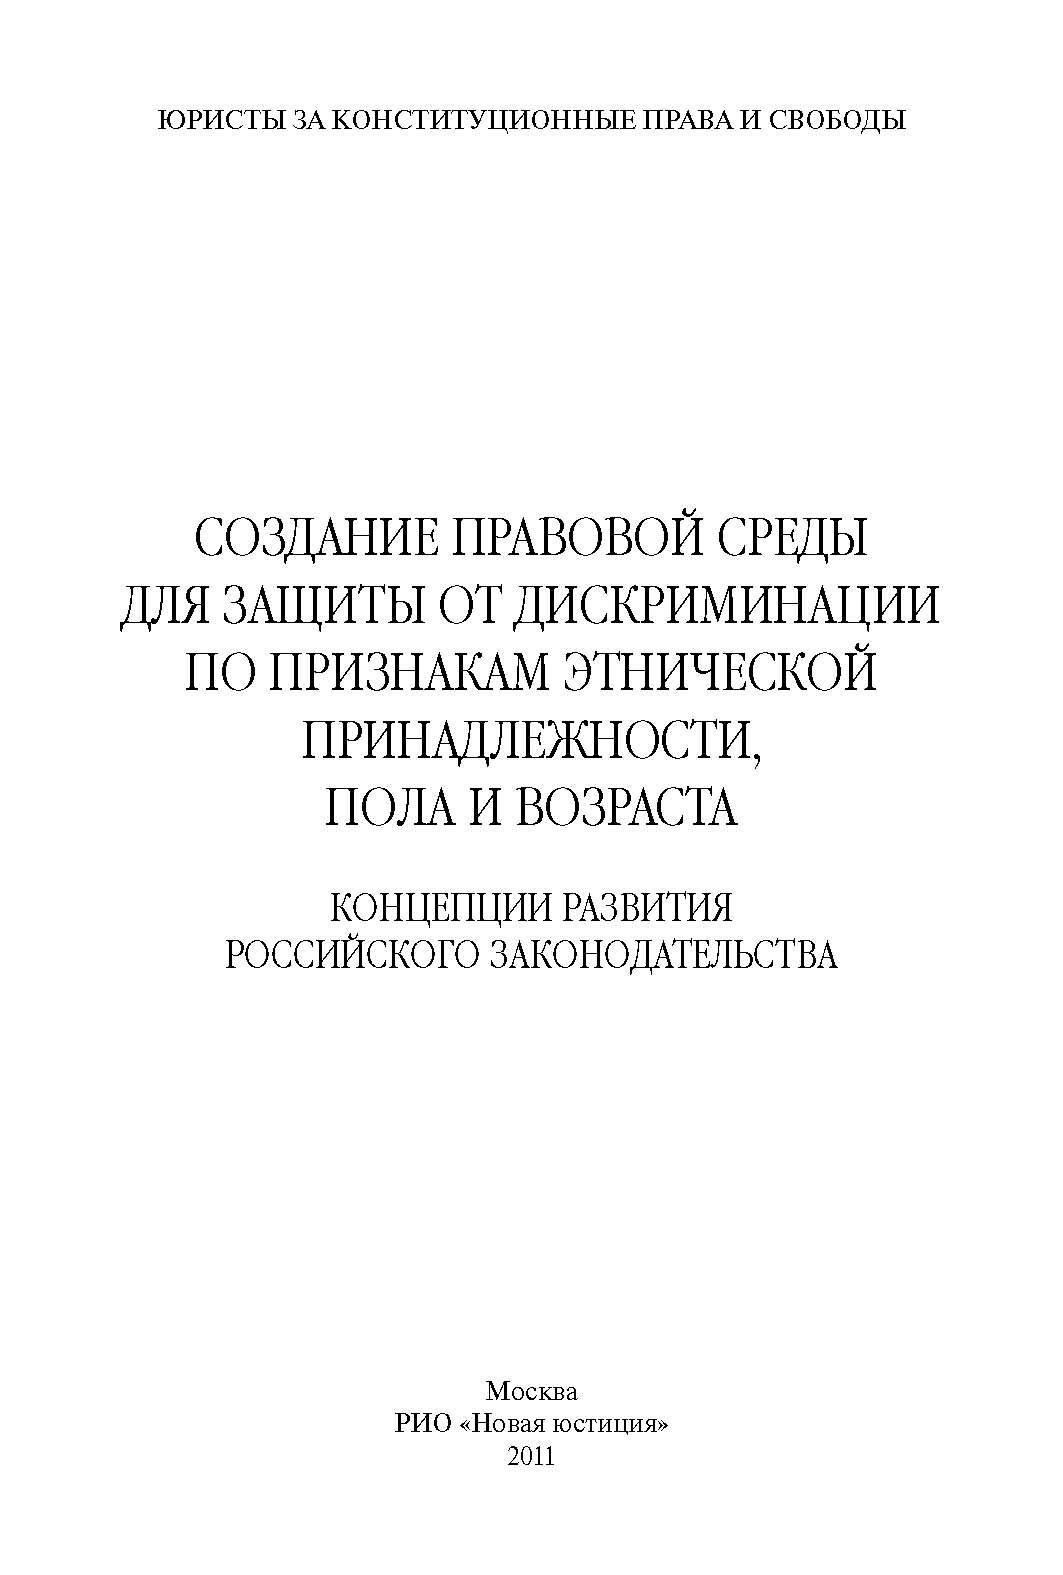 Борьба с дискриминацией в России: повестка дня для законодательной власти